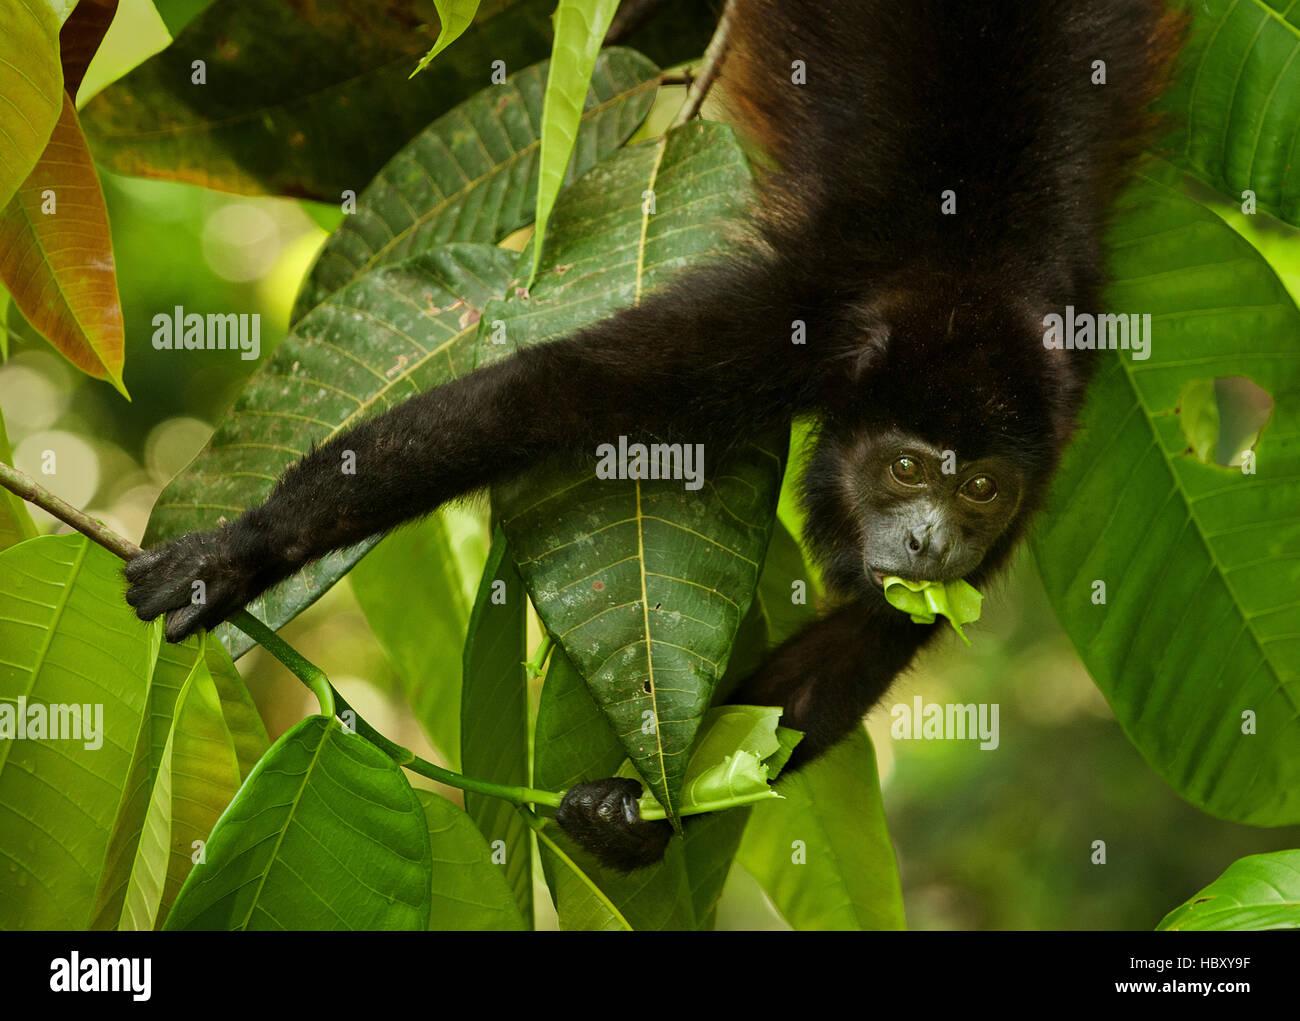 Jaguaren Brüllaffen (Alouatta Palliata) Essen ein Blatt, Costa Rica Stockbild